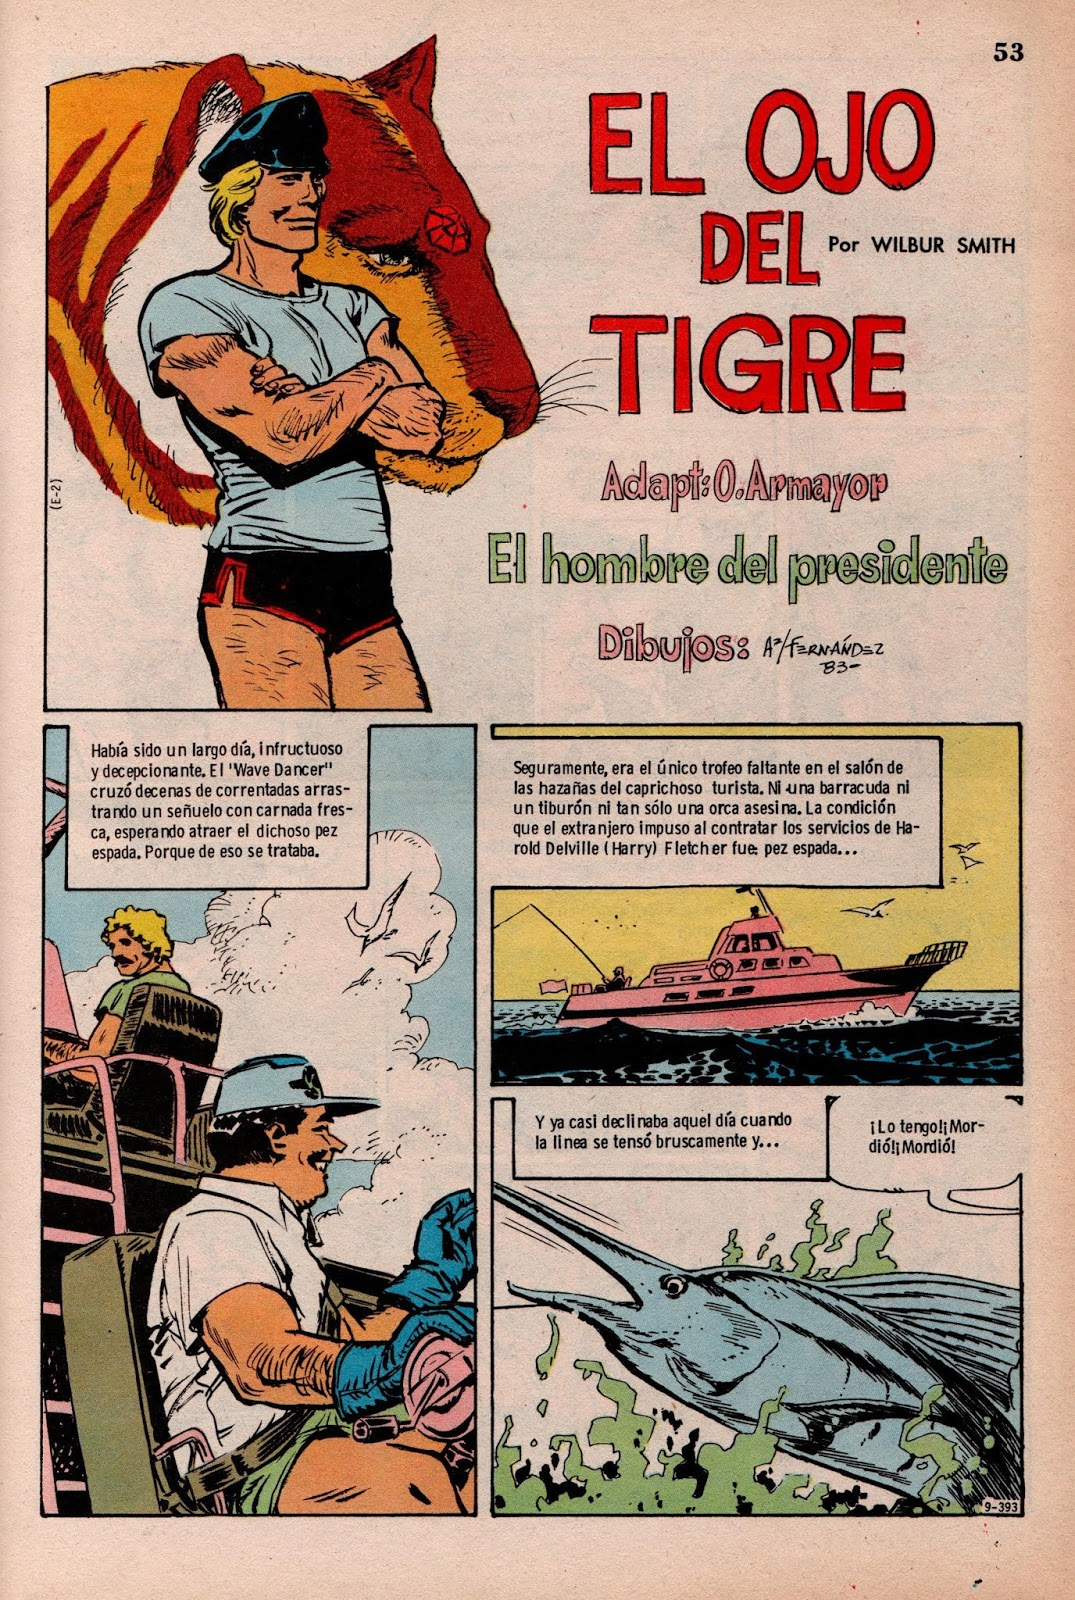 Columberos: El Ojo del Tigre - Episodio 2 - El hombre del presidente